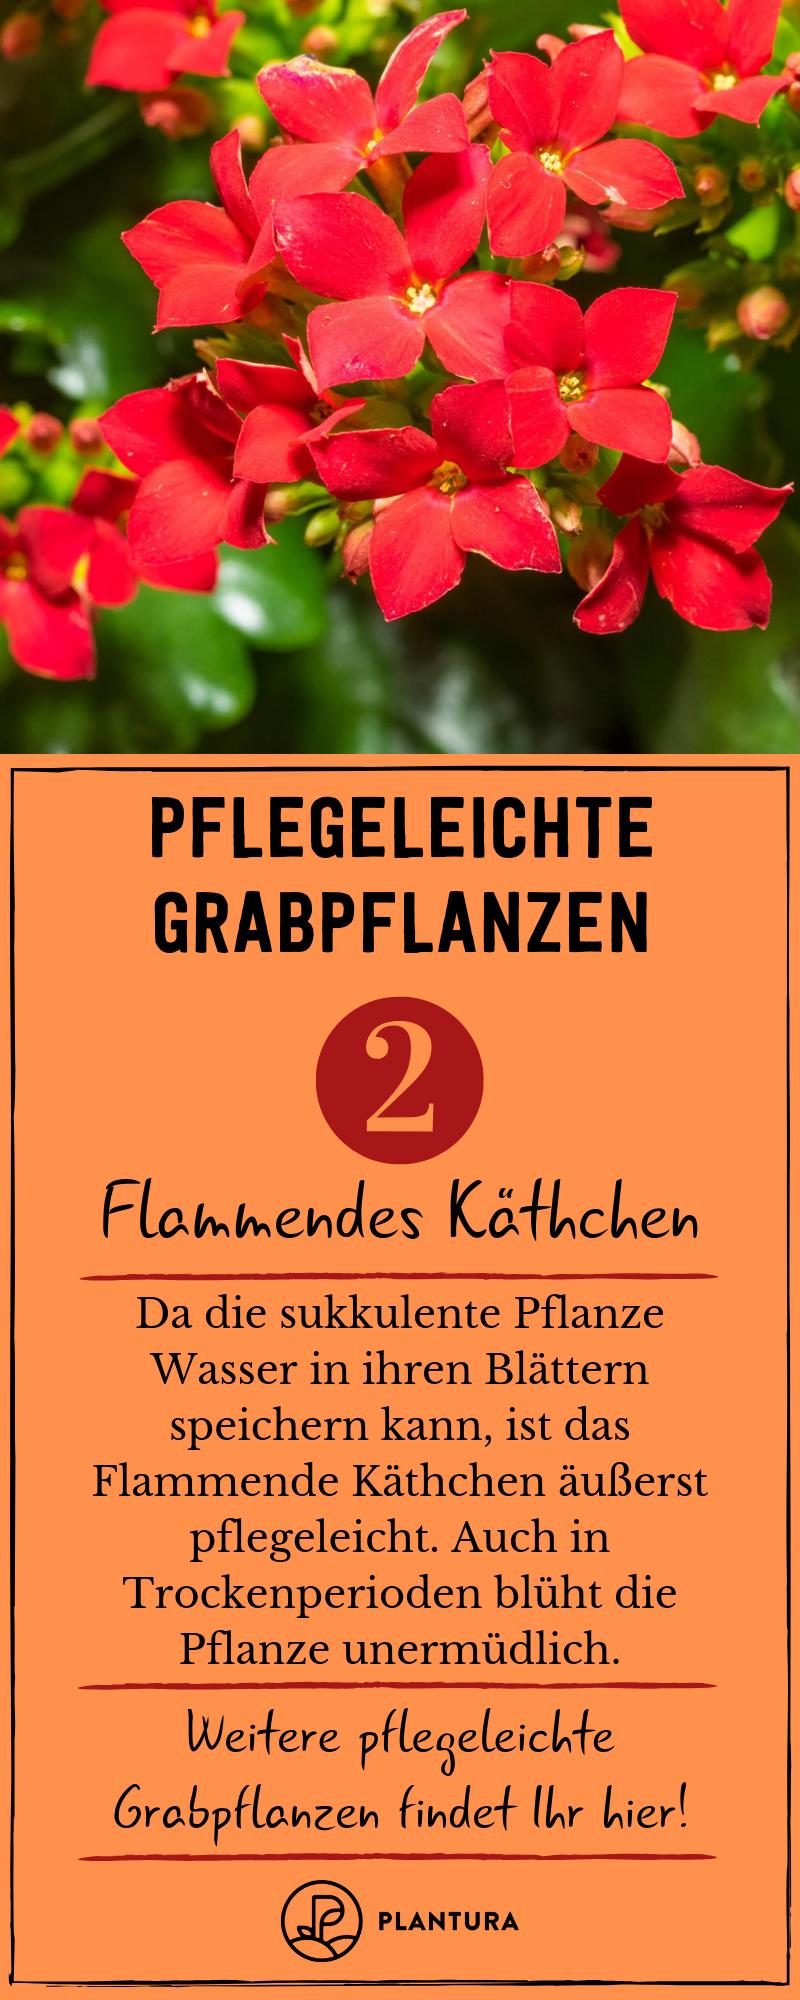 Grabpflanzen: Beispiele für pflegeleichte Pflanzen